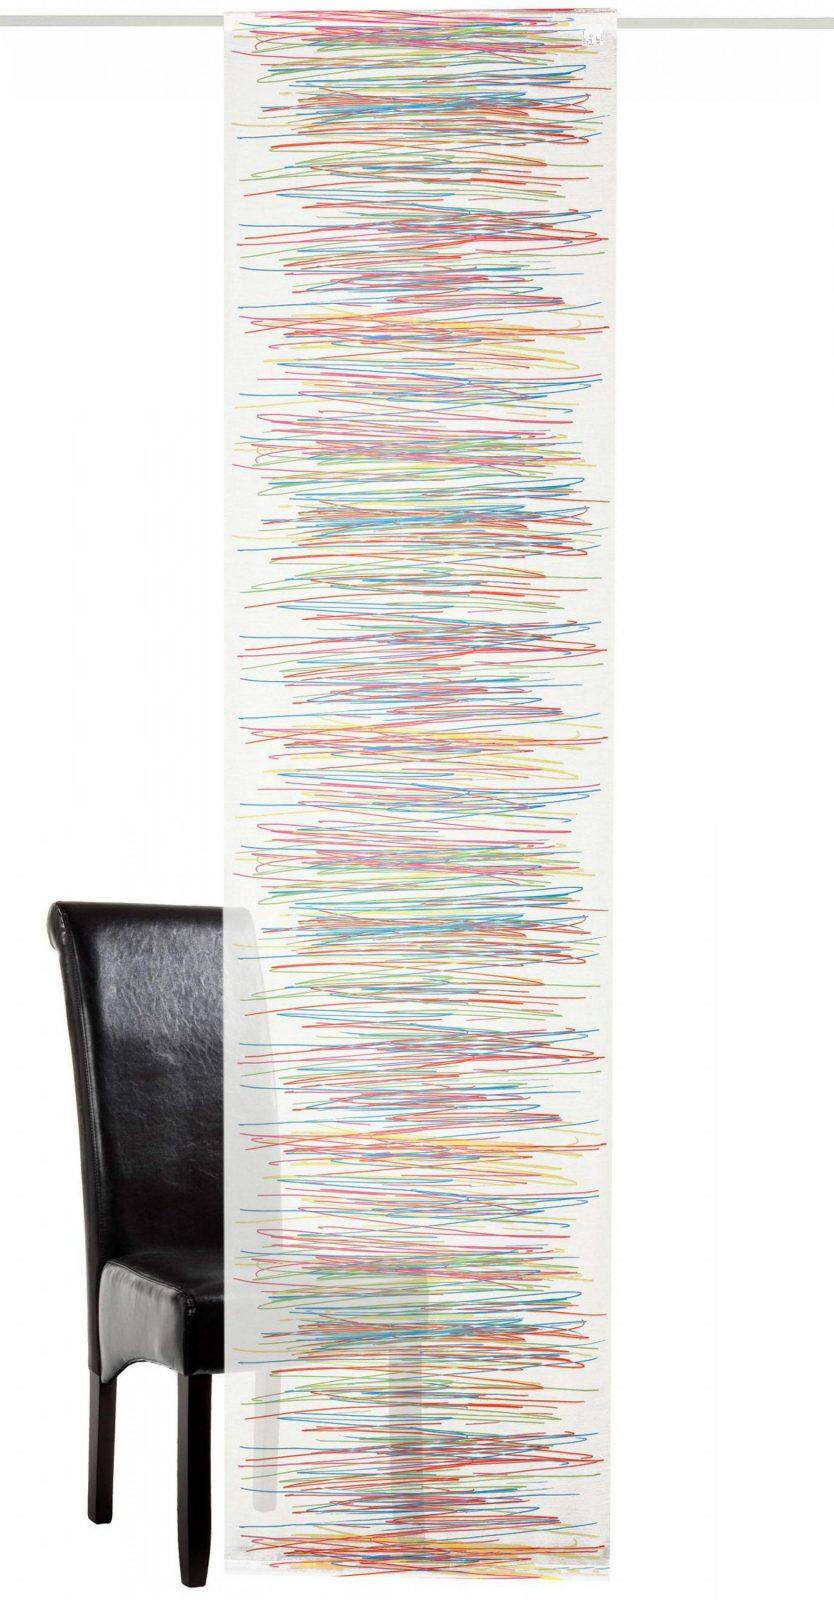 Schiebegardine Deko Trends Fancy Mit Klettband (1 Stück Mit von Schiebegardinen Mit Klettband Waschen Photo